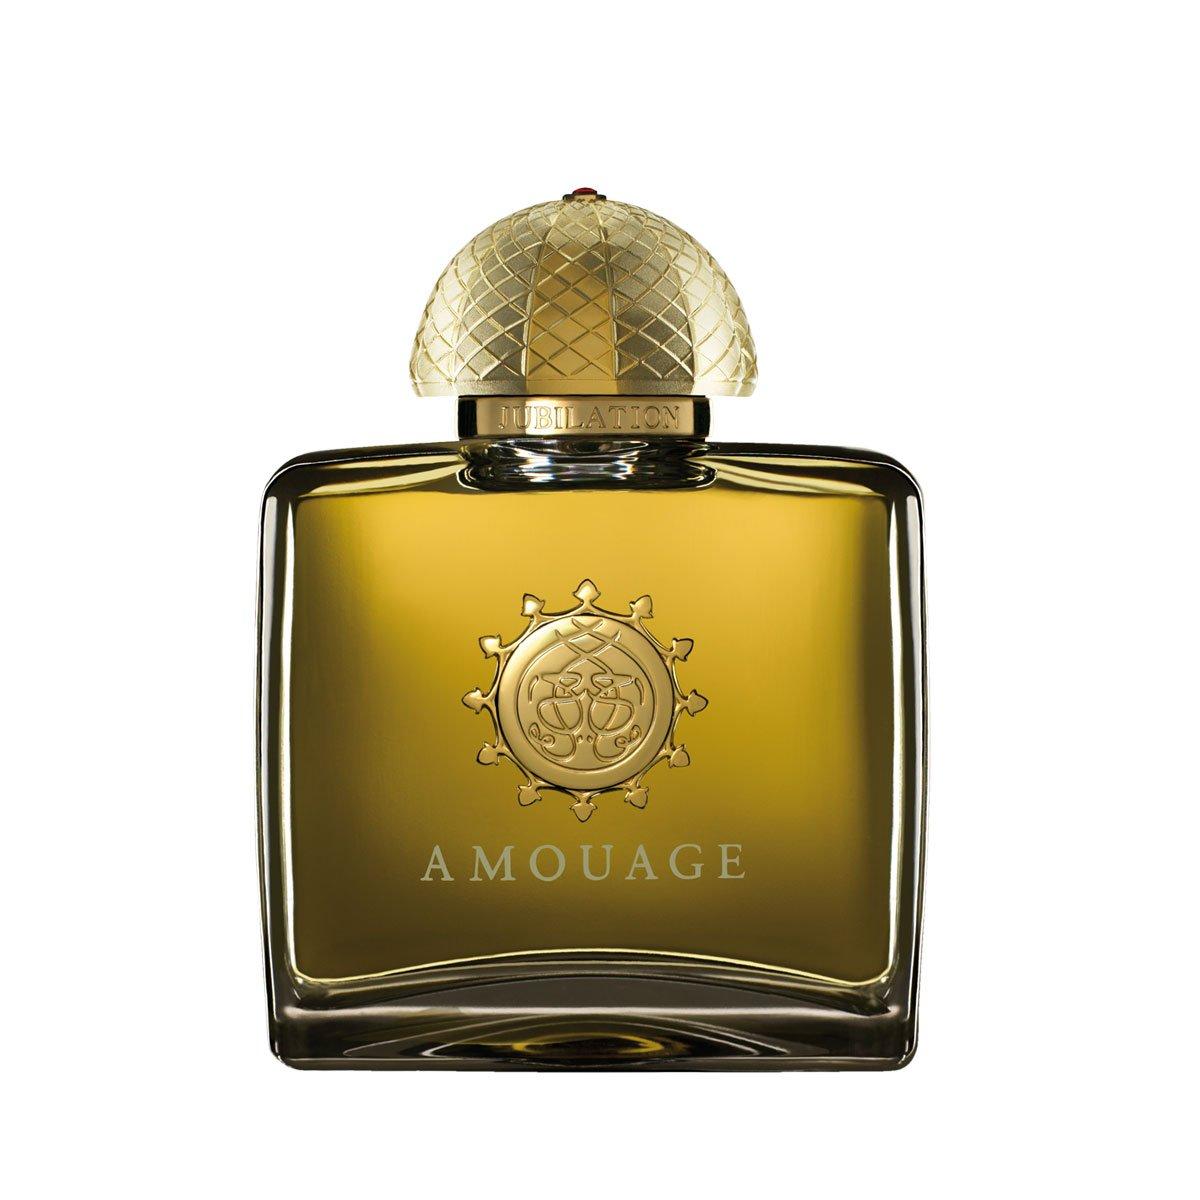 AMOUAGE Jubilation 25 Woman, Eau de Parfum Spray, 1.7 oz